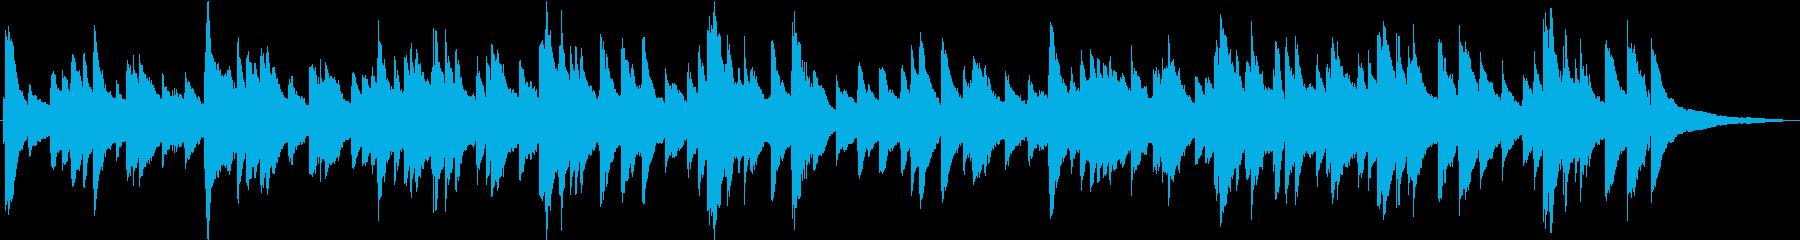 (生演奏)優しい雰囲気のピアノ曲の再生済みの波形